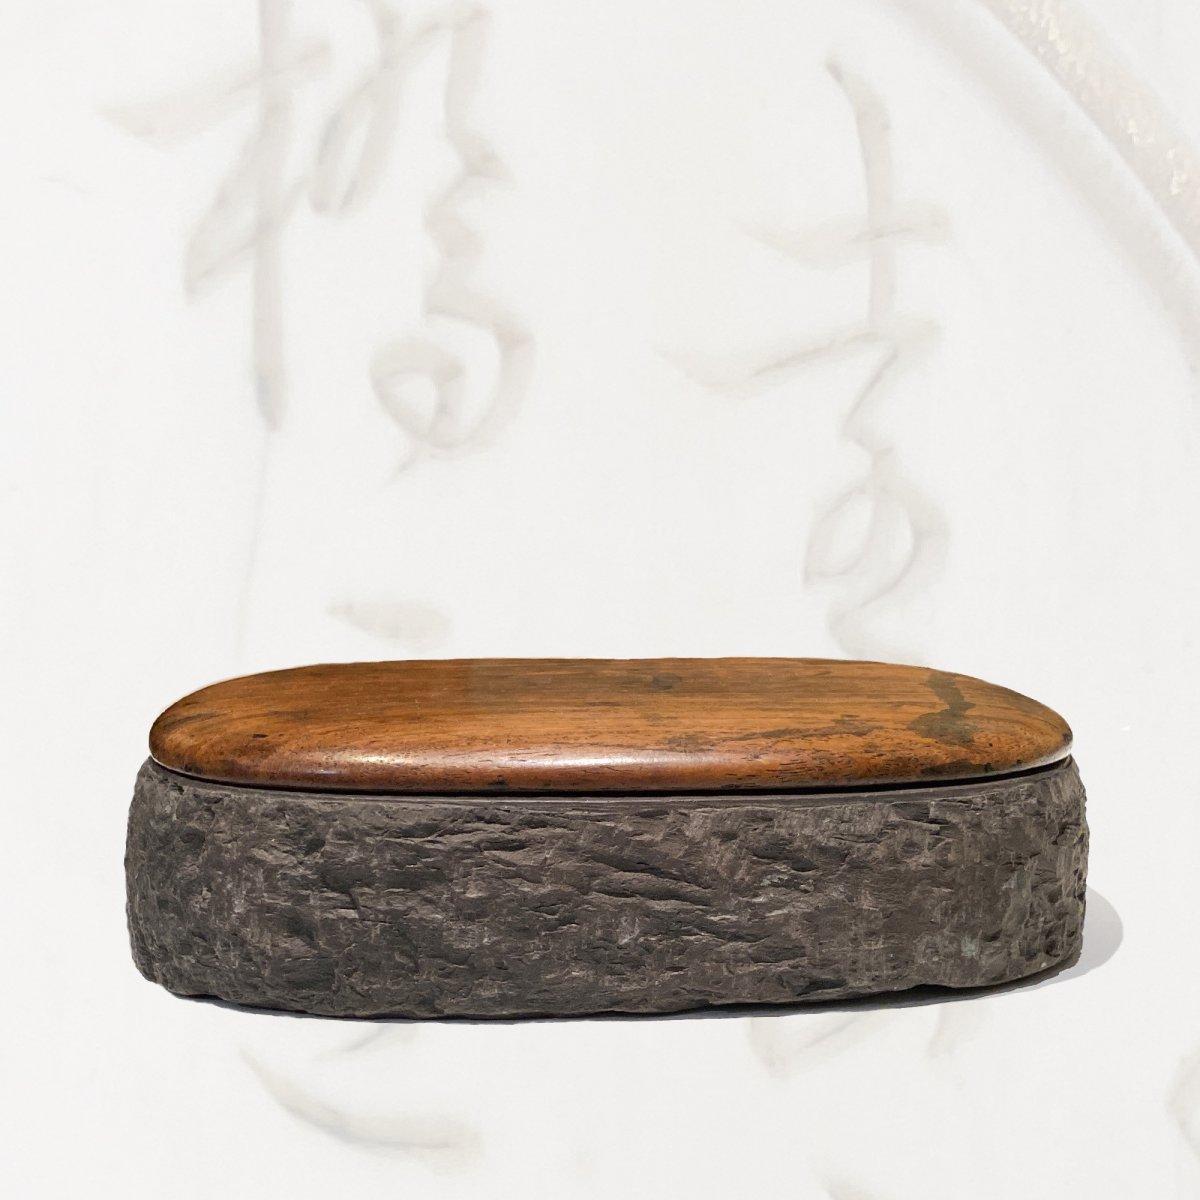 Chine, Pierre à Encre Pour La Calligraphie, Fin De L'époque Qing